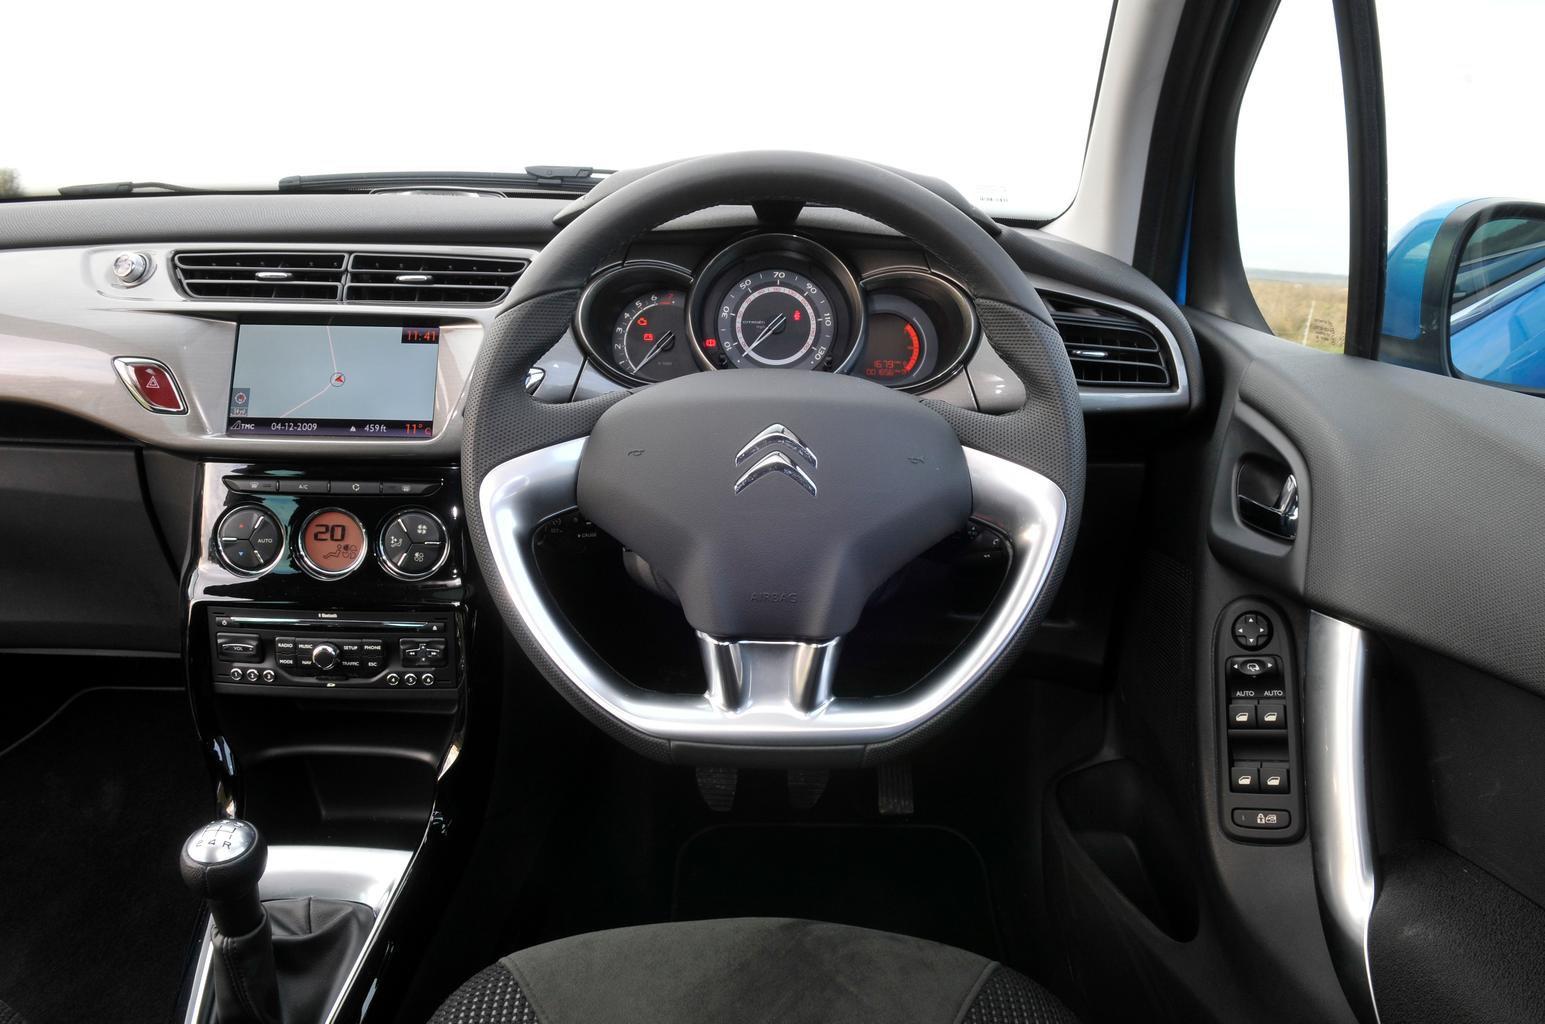 Used test: Ford Fiesta vs Volkswagen Polo vs Citroen C3